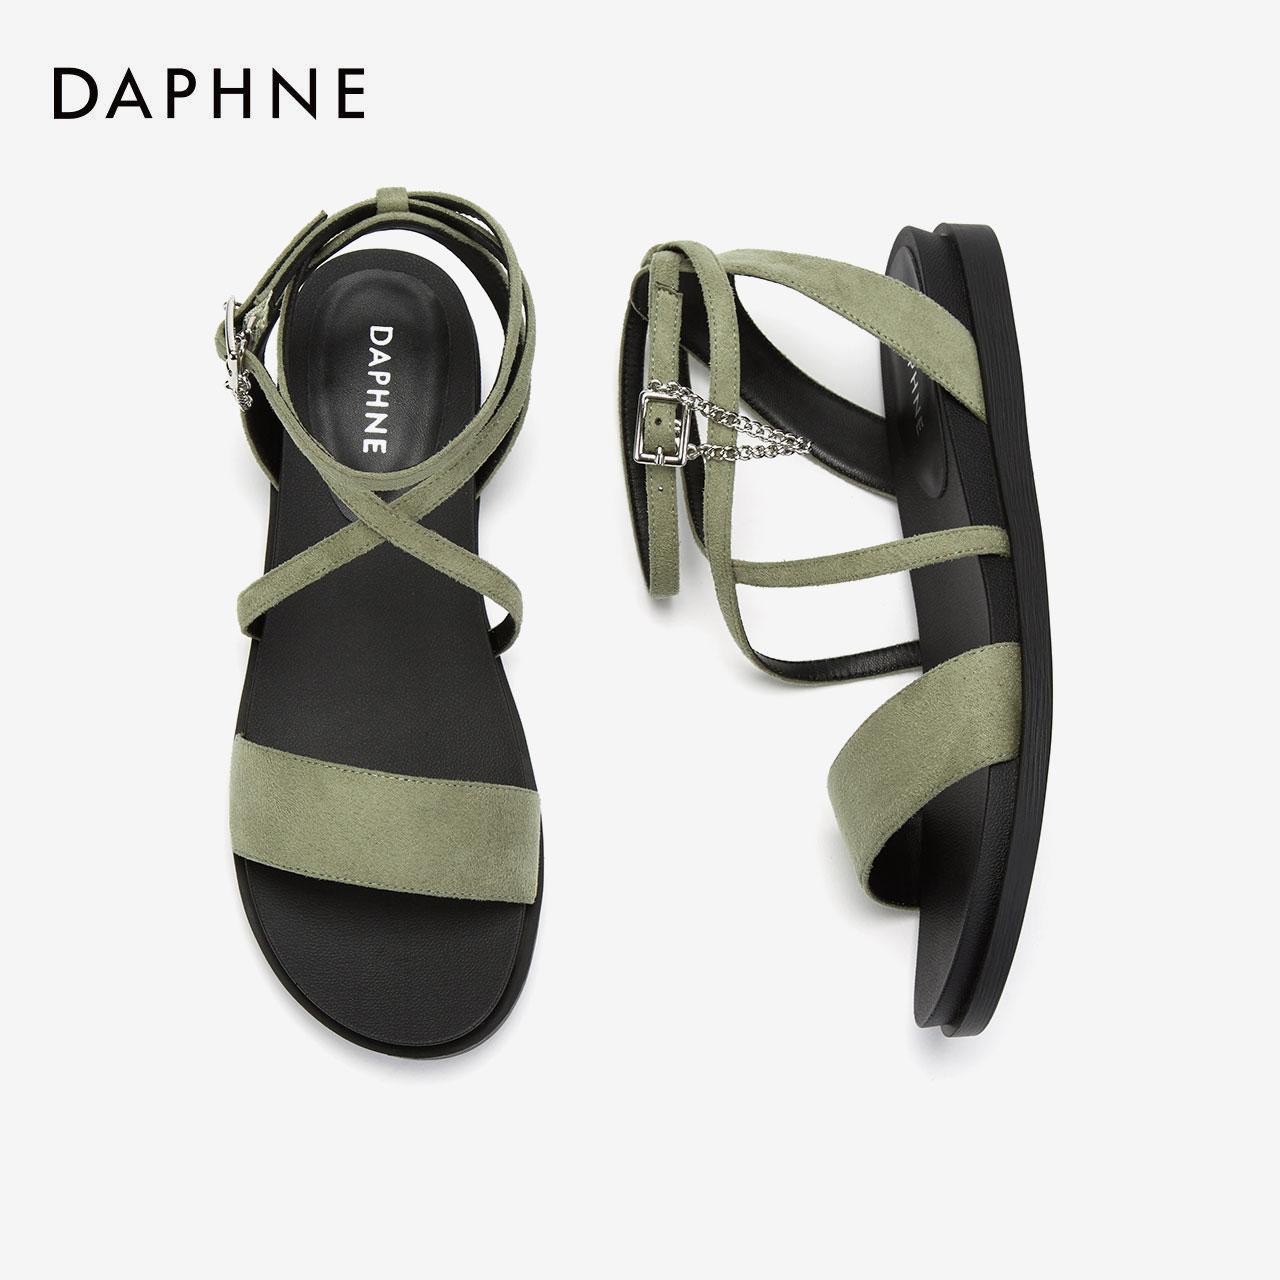 夏季新款凉鞋罗马风环绕脚踝一字带平底凉鞋绒面拼接风 2020 达芙妮